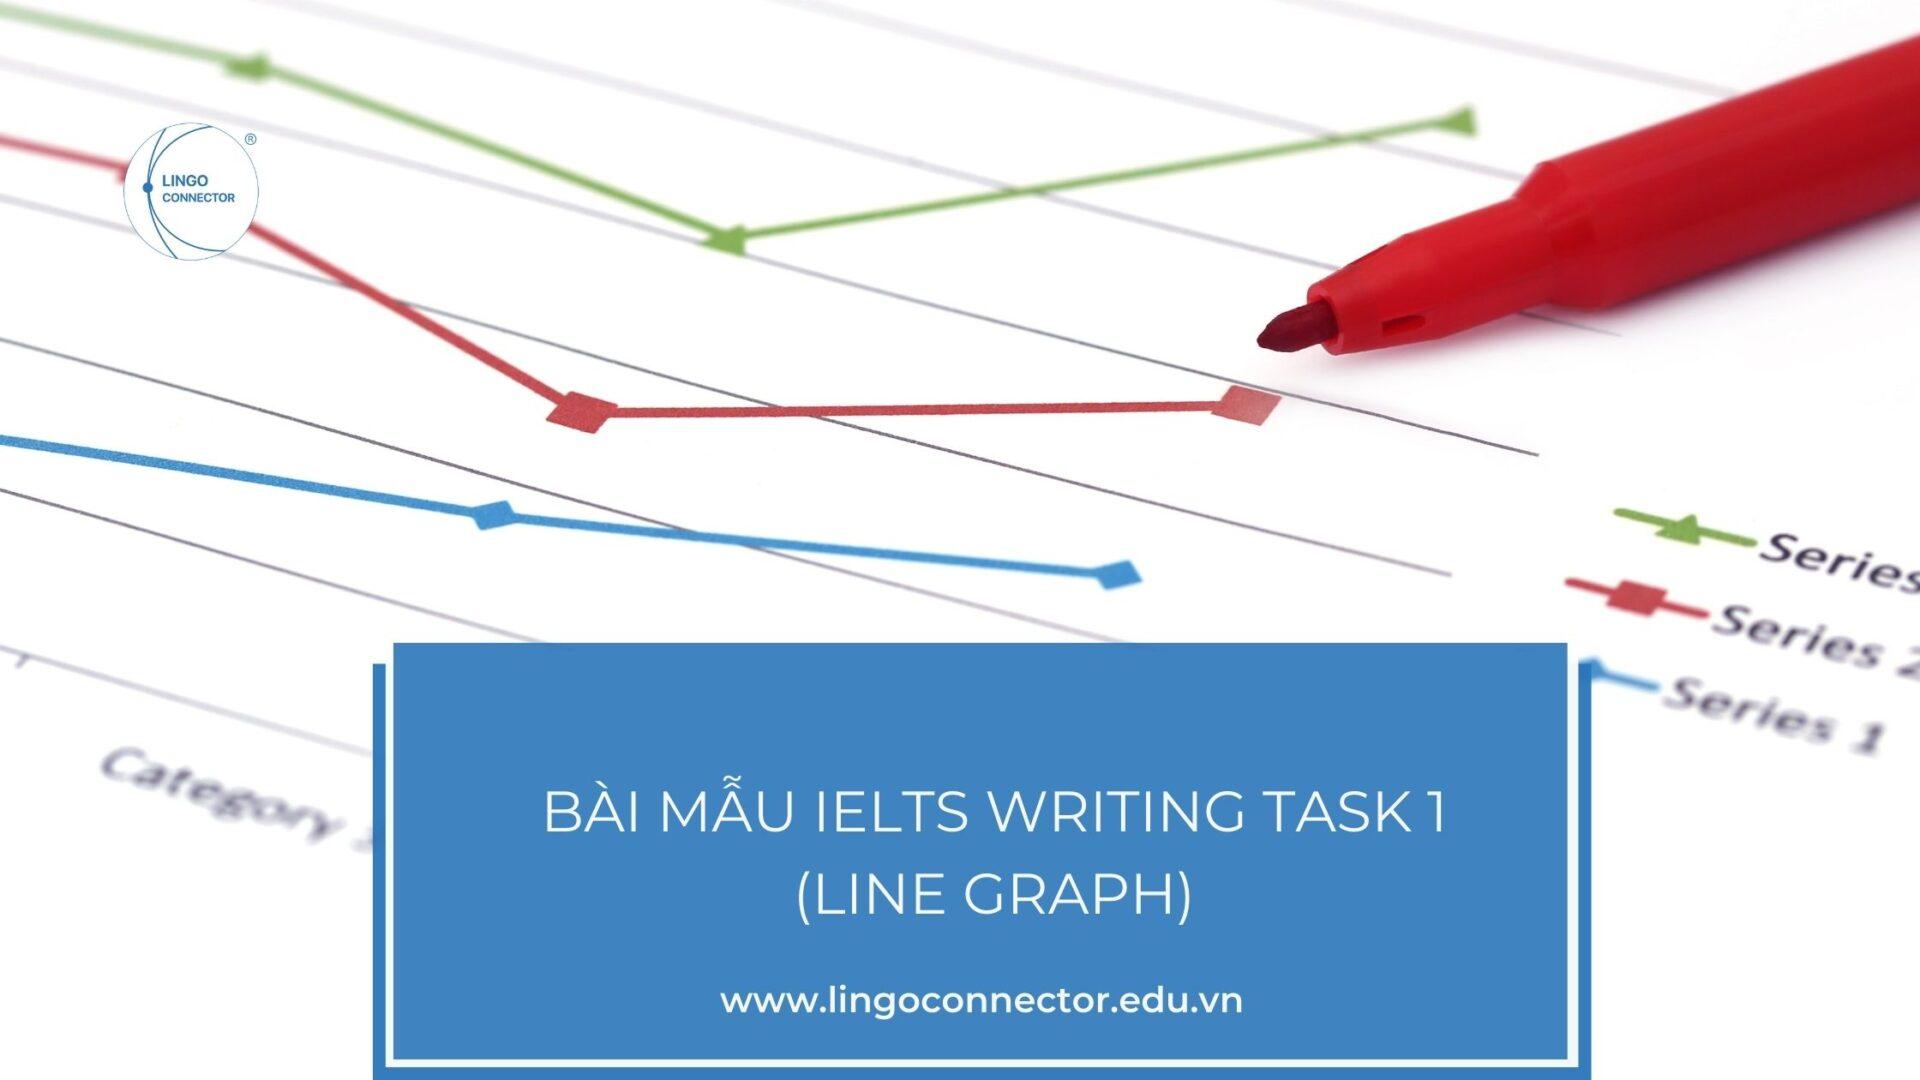 Bài mẫu IELTS Writing Task 1 (Line Graph)